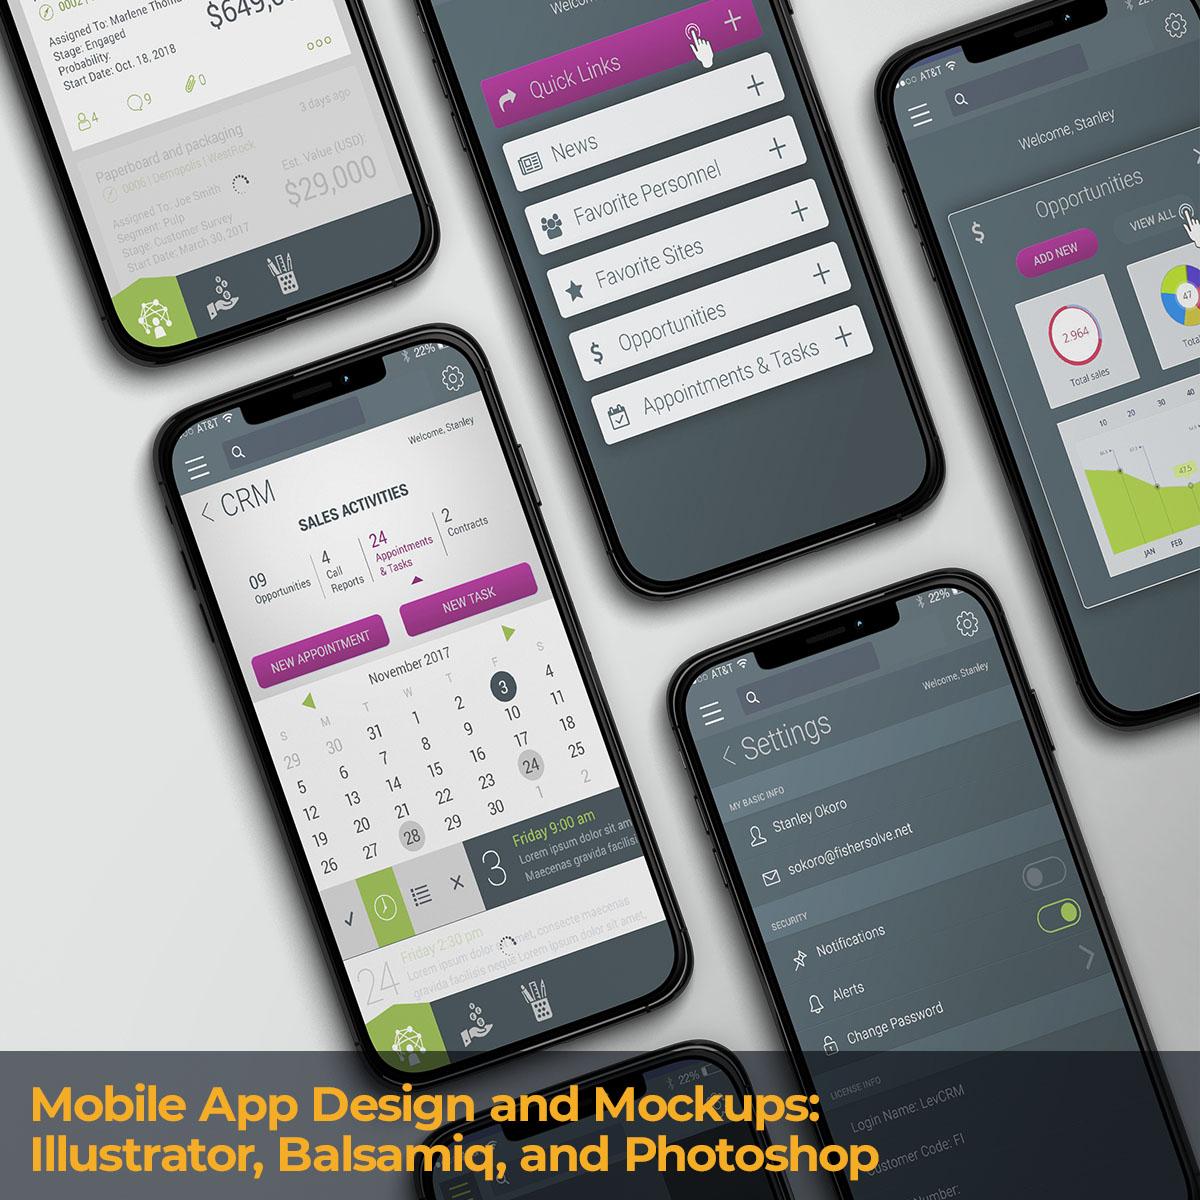 Mobile App Design and Mockups